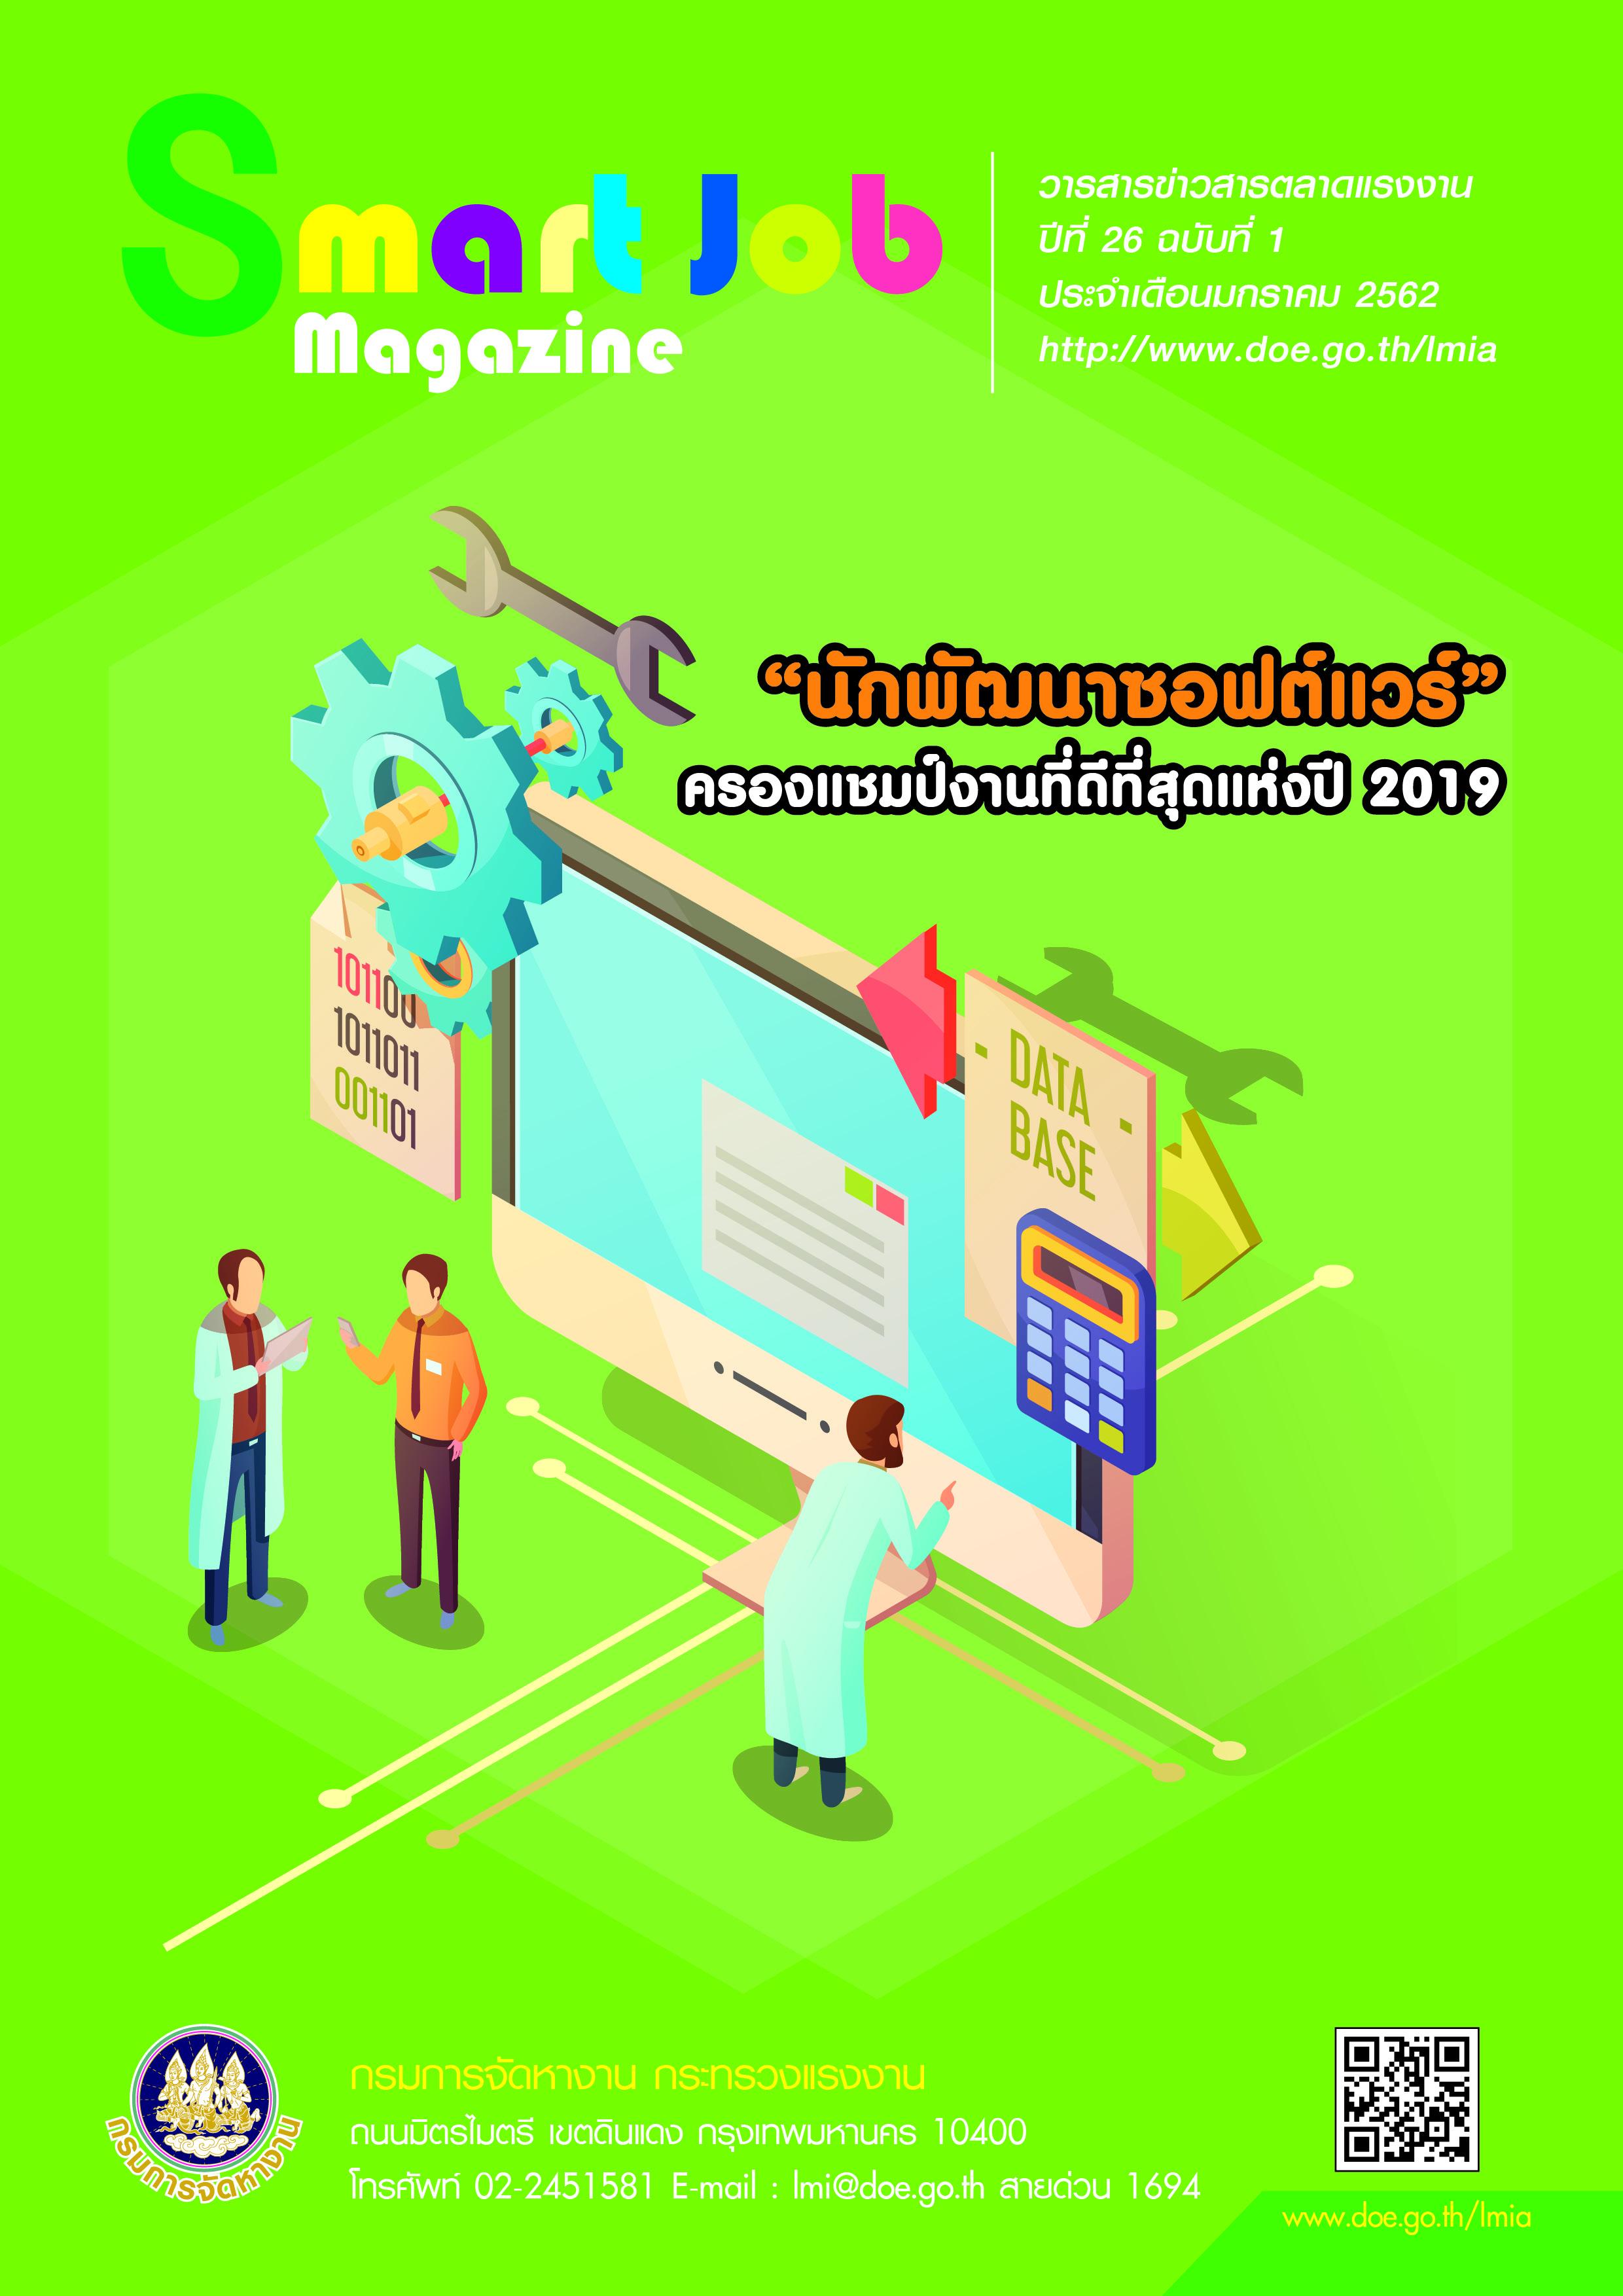 วารสารข่าวสารตลาดแรงงาน Smart Job Magazine ประจำเดือนมกราคม 2562